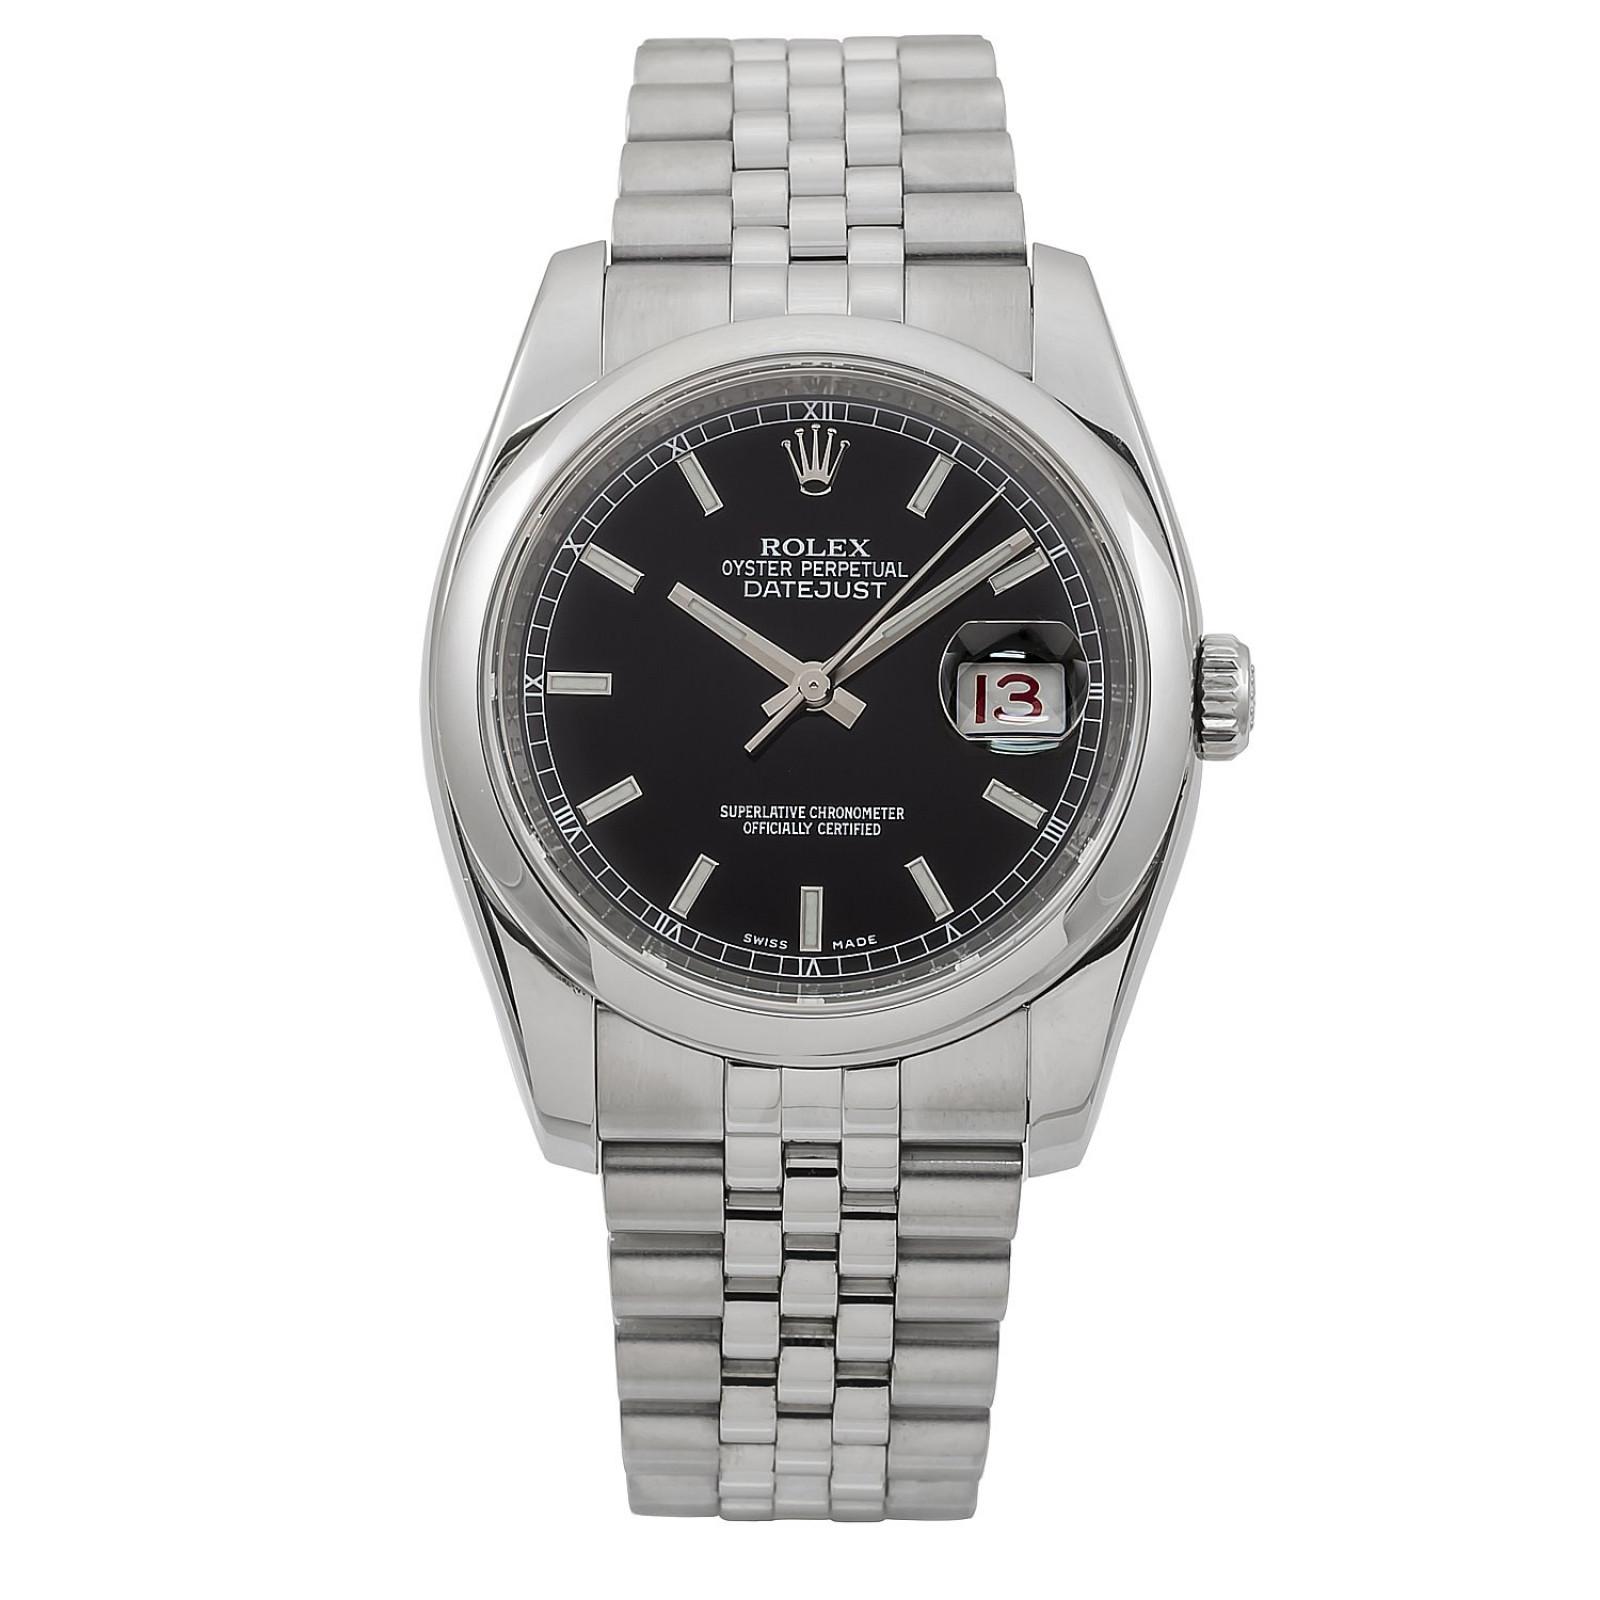 2006 Rolex Datejust Ref. 116200